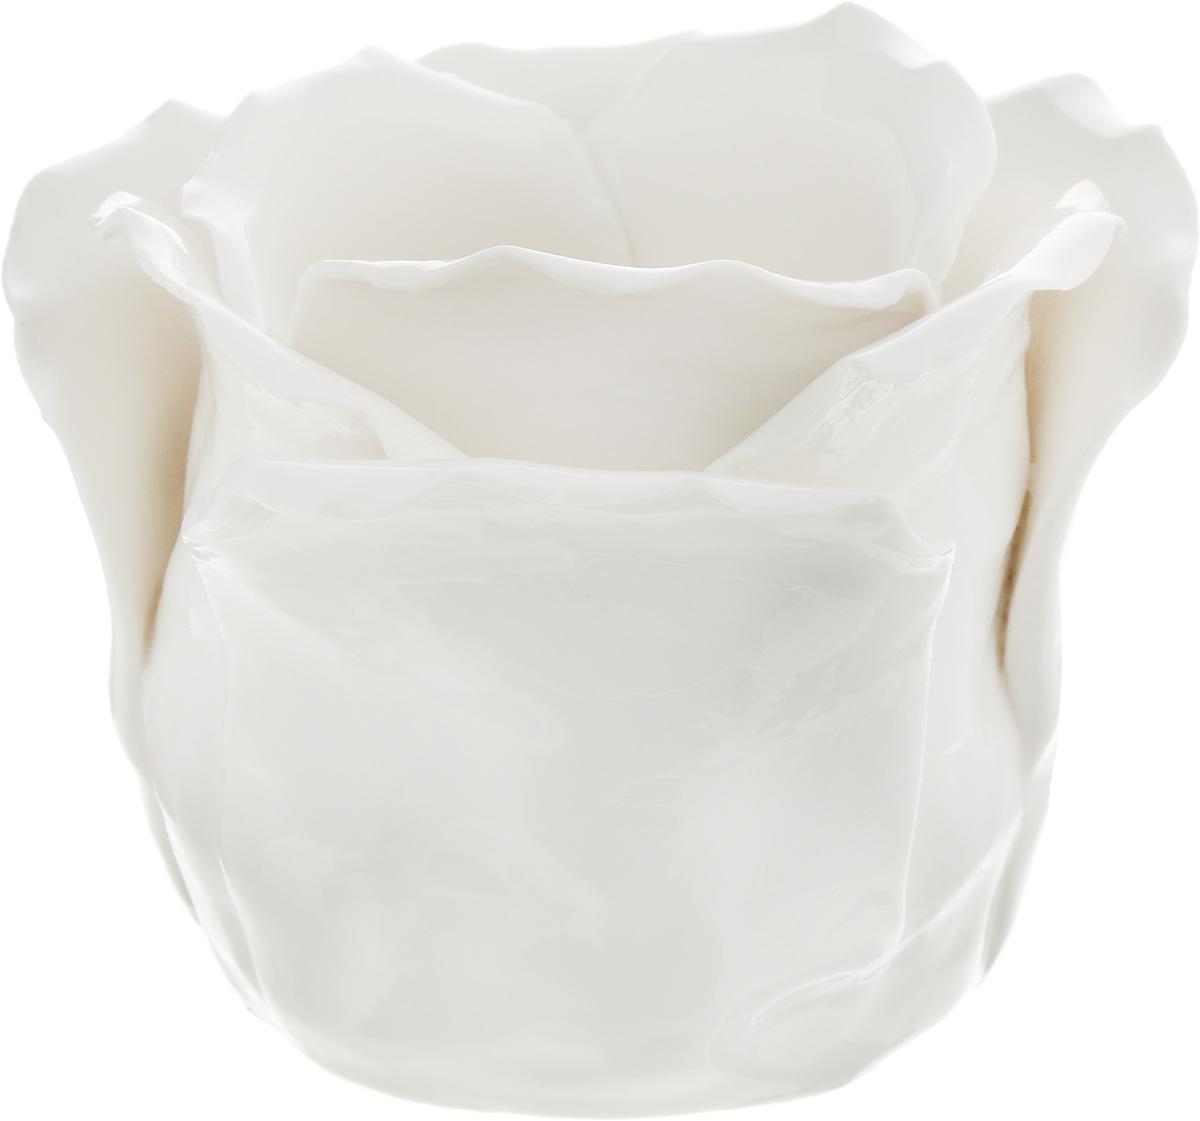 Подсвечник декоративный Феникс-Презент, цвет: белый, 8,5 х 8,5 х 7,5 смFS-91909Декоративный подсвечник Феникс-Презент изготовлен из фарфора. Подсвечник предназначен для одной свечи. Стильный и изысканный подсвечник позволит украсить интерьер дома или рабочего кабинета оригинальным образом.Вы можете поставить подсвечник в любом месте, где он будет удачно смотреться и радовать глаз. Кроме того, это отличный вариант подарка для ваших близких и друзей. Диаметр отверстия для свечи: 4,5 см. Глубина отверстия: 6 см.